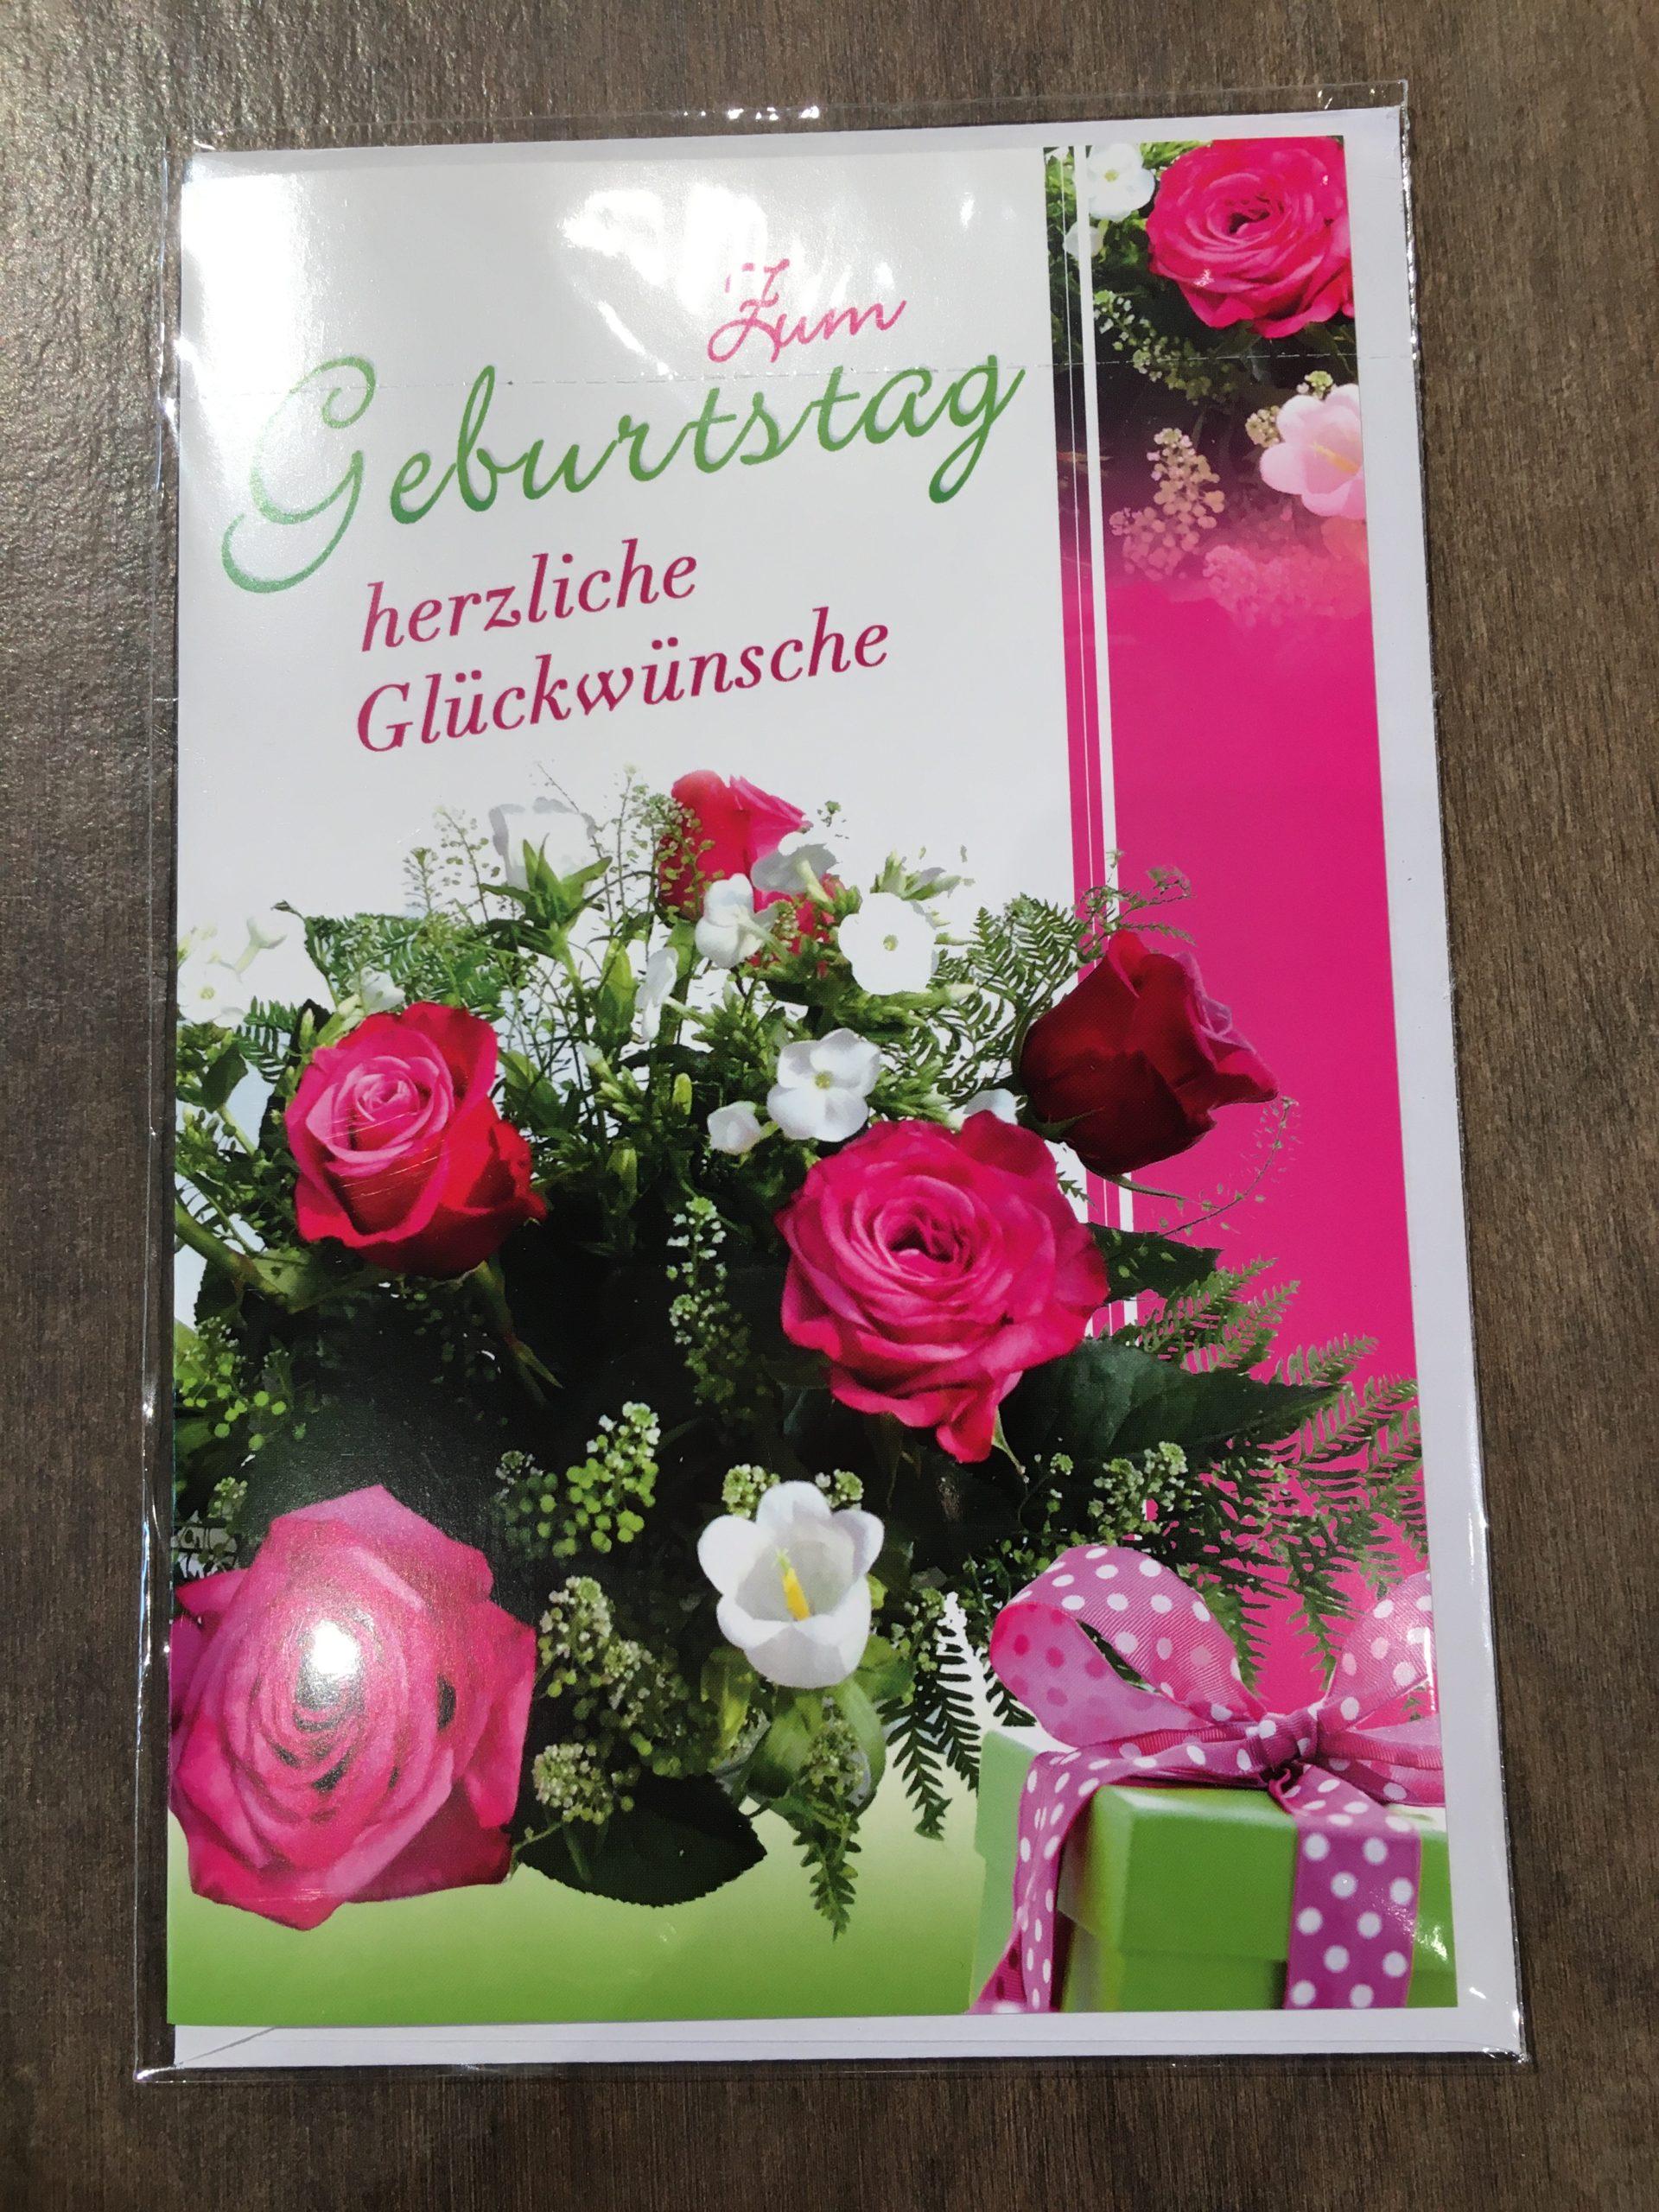 """Grußkarte """"Zum Geburtstag herzliche Glückwünsche"""